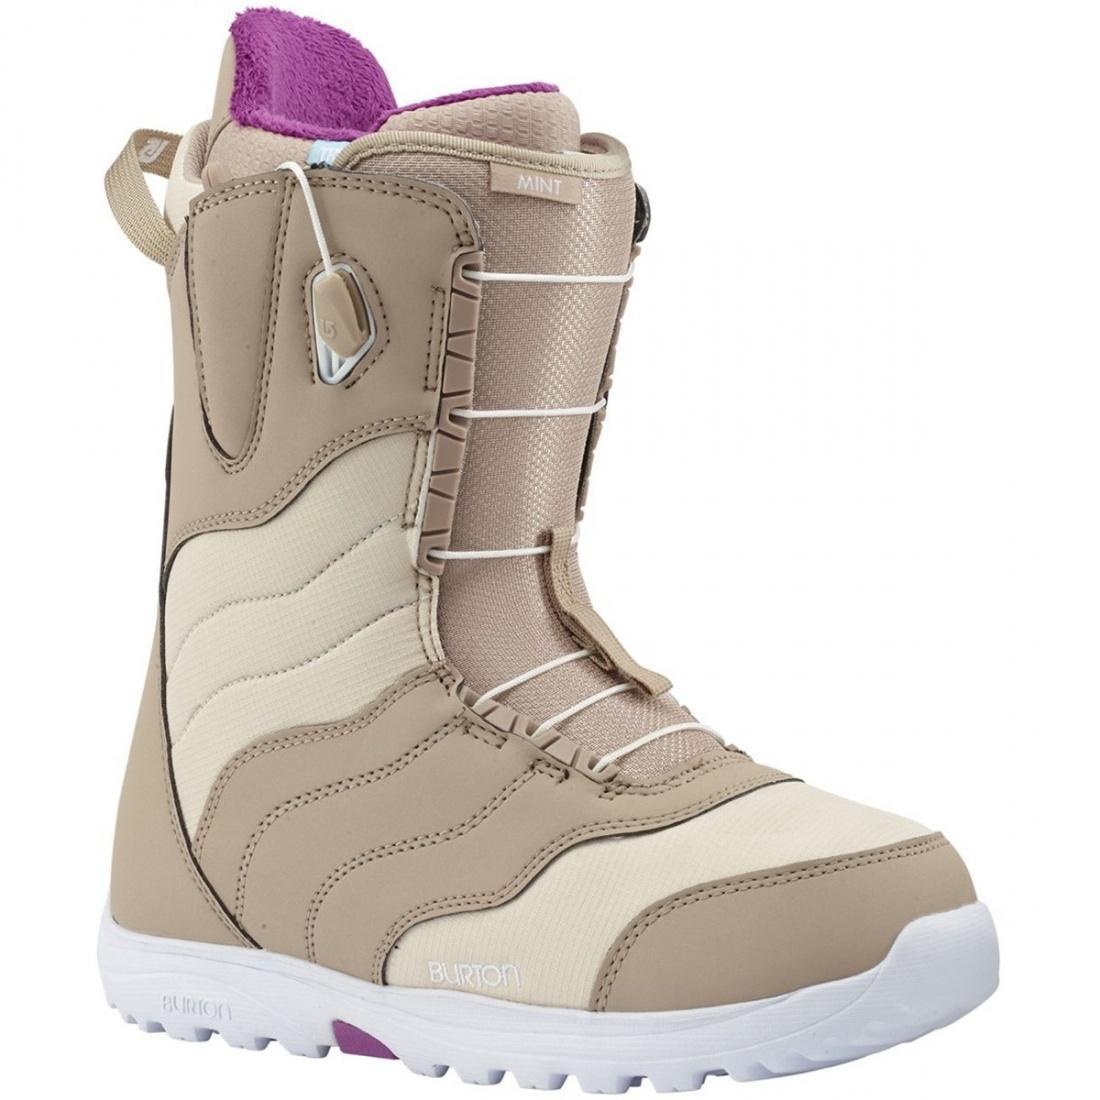 Ботинки для сноуборда Burton Mint Black/Multi 5